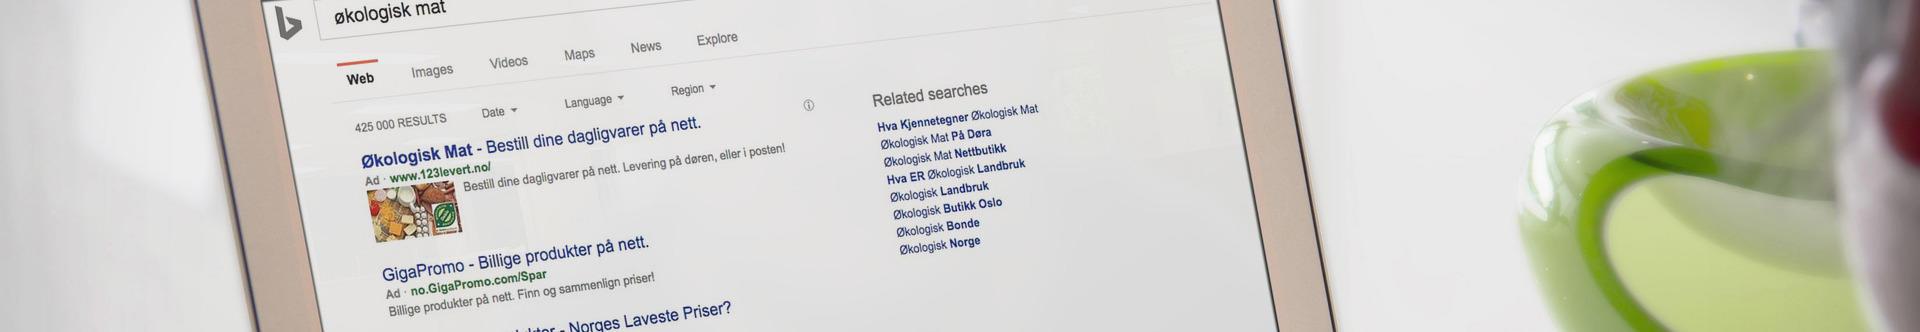 Laptop med skjermbilde fra Bing